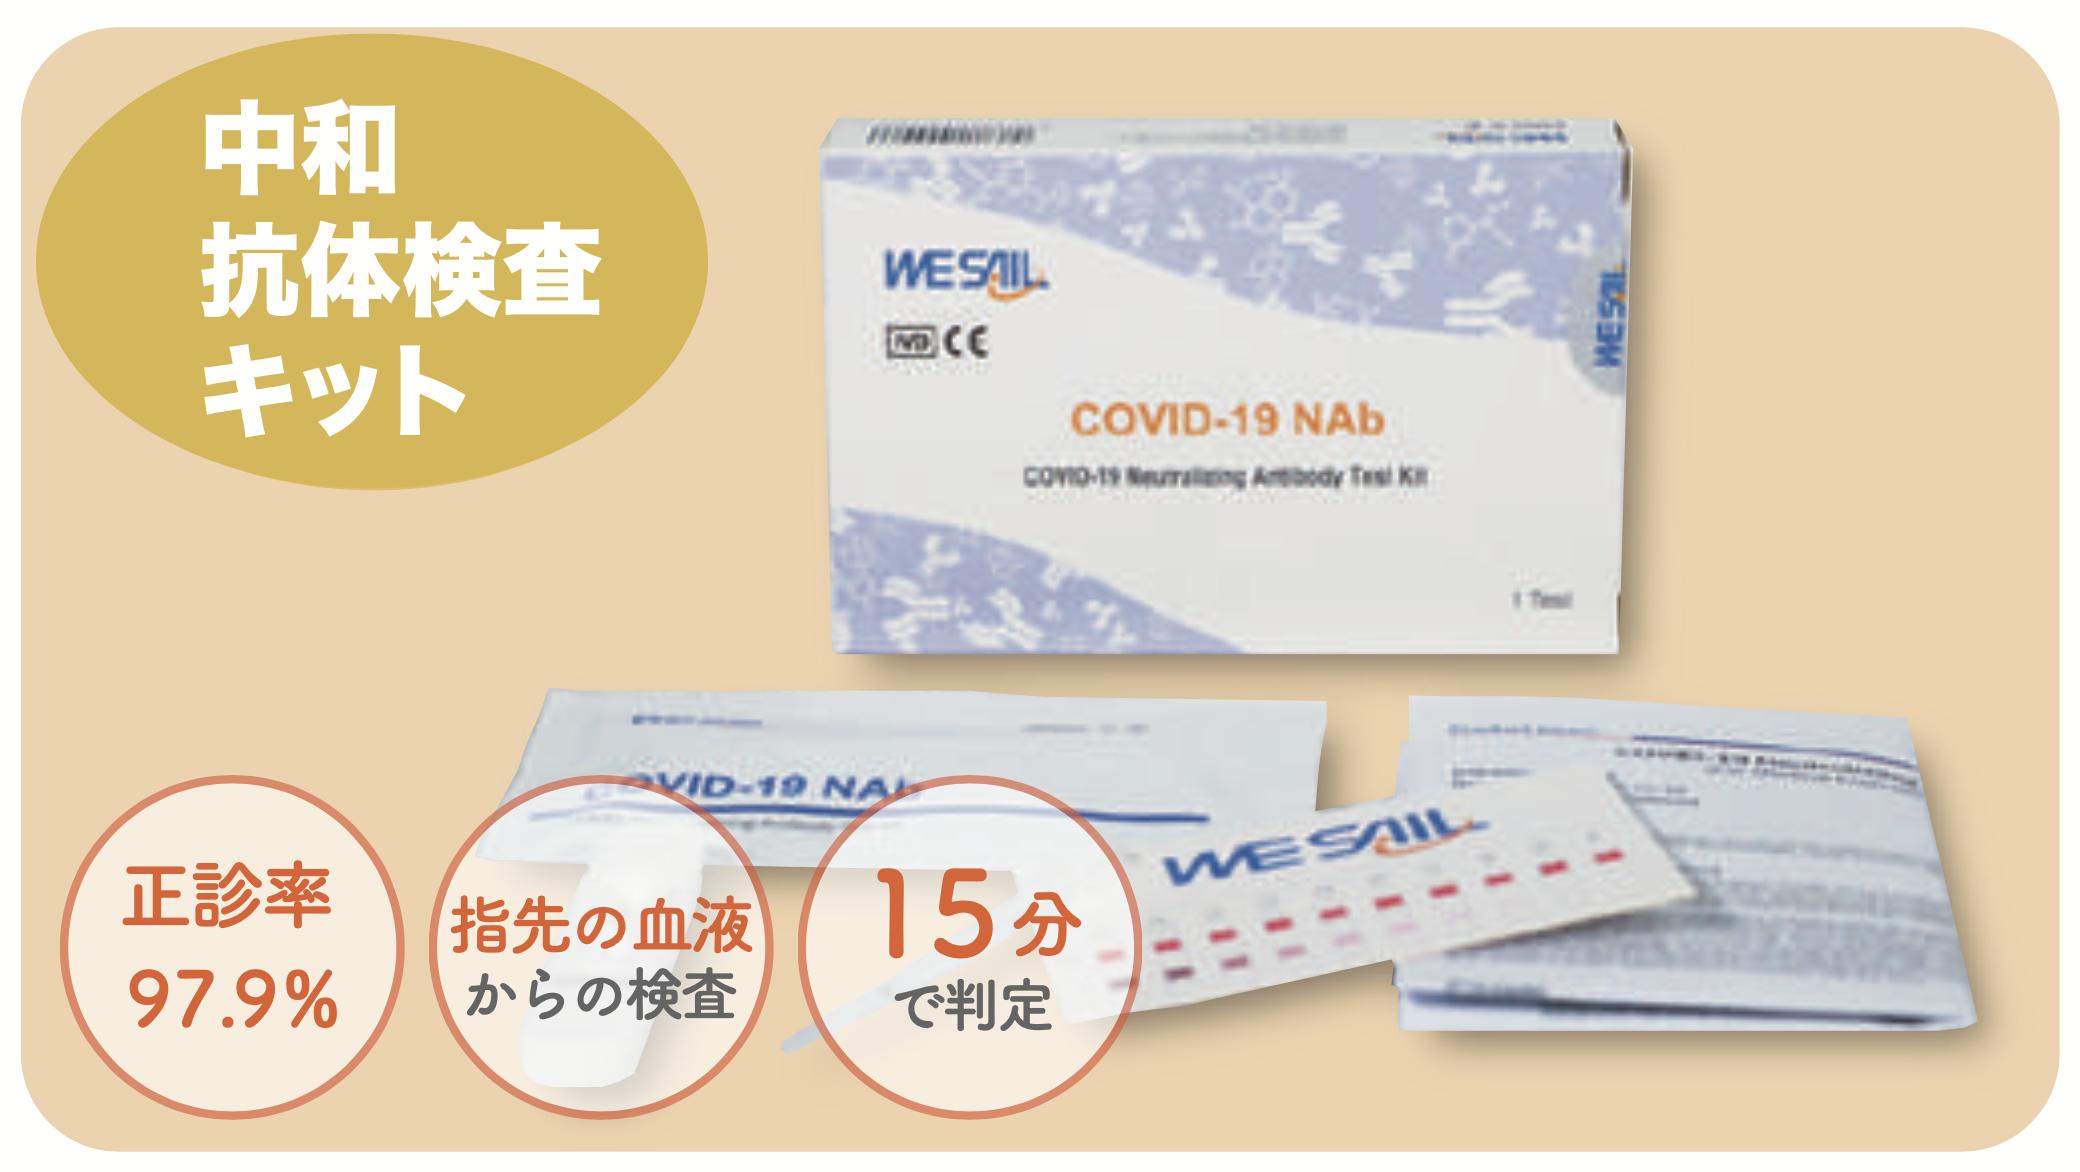 新型コロナウイルス中和抗体検査キット 概要画像